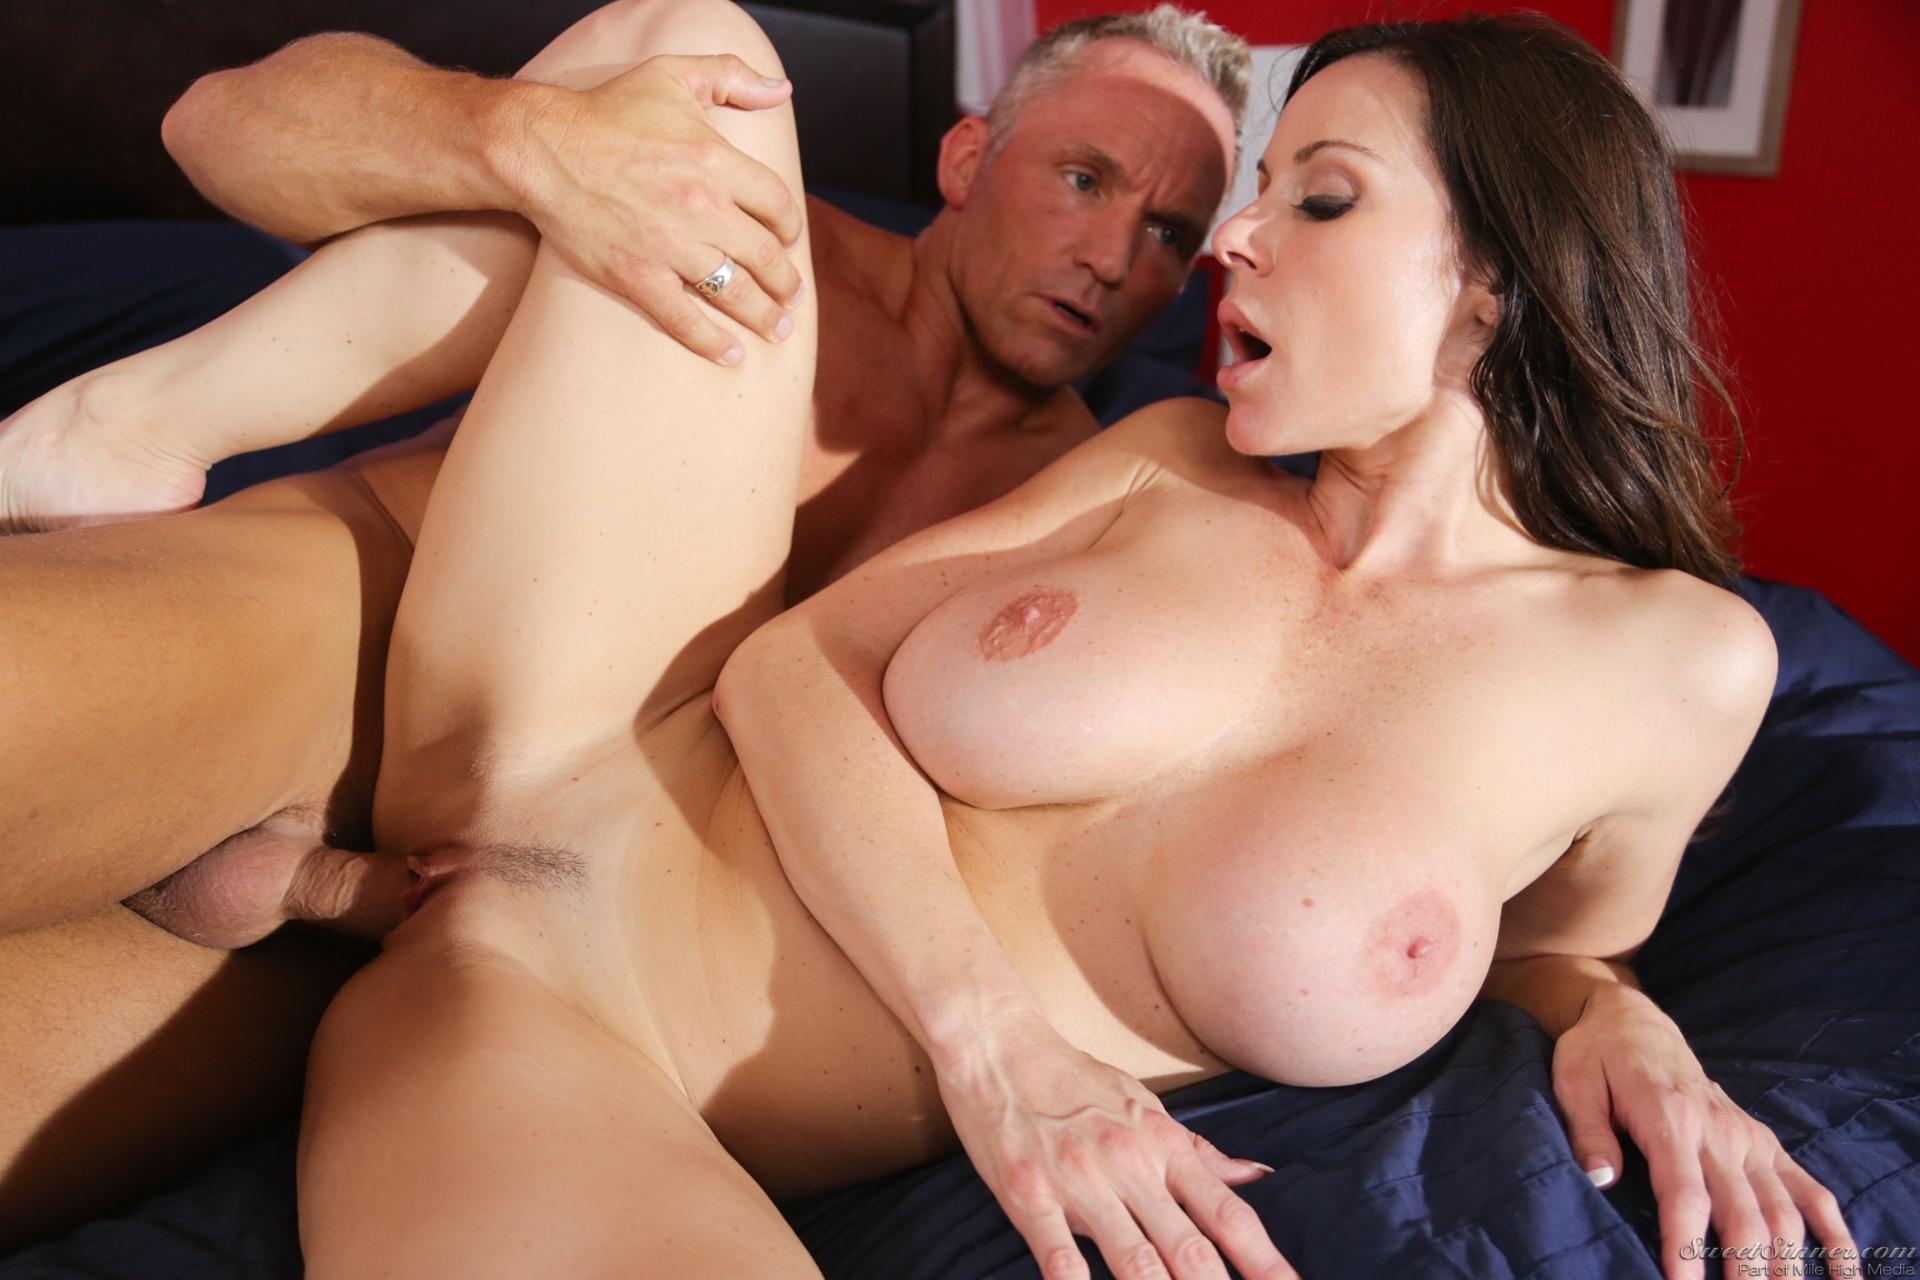 kendra lust in sweetsinner mother exchange #05, scene #03 january 25